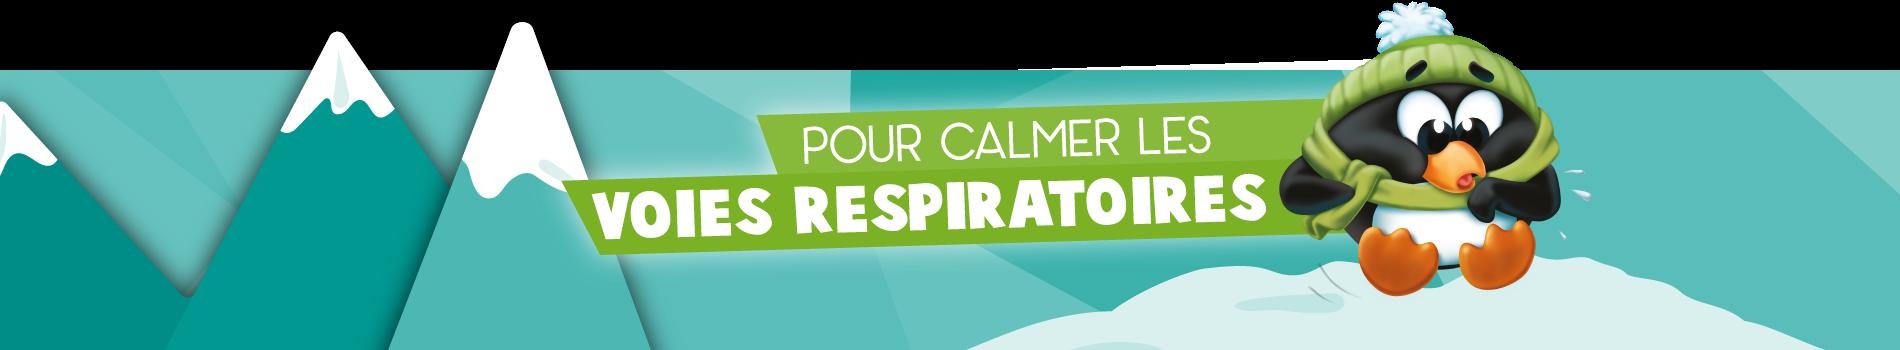 hiver20-21_banner-4-voies-respiratoires